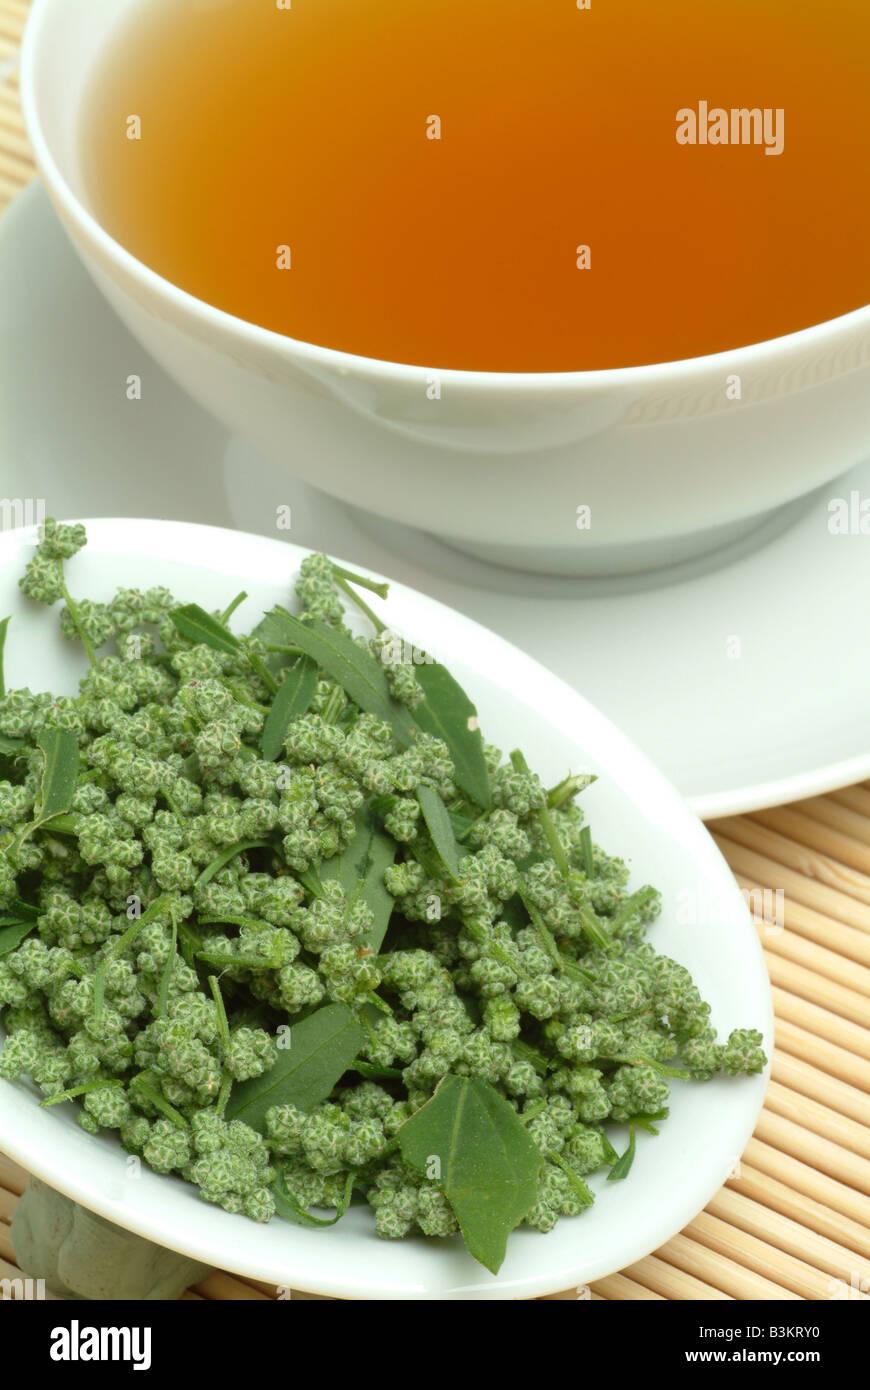 medicinal tea made of mugwort wegwood artemisia artemisia